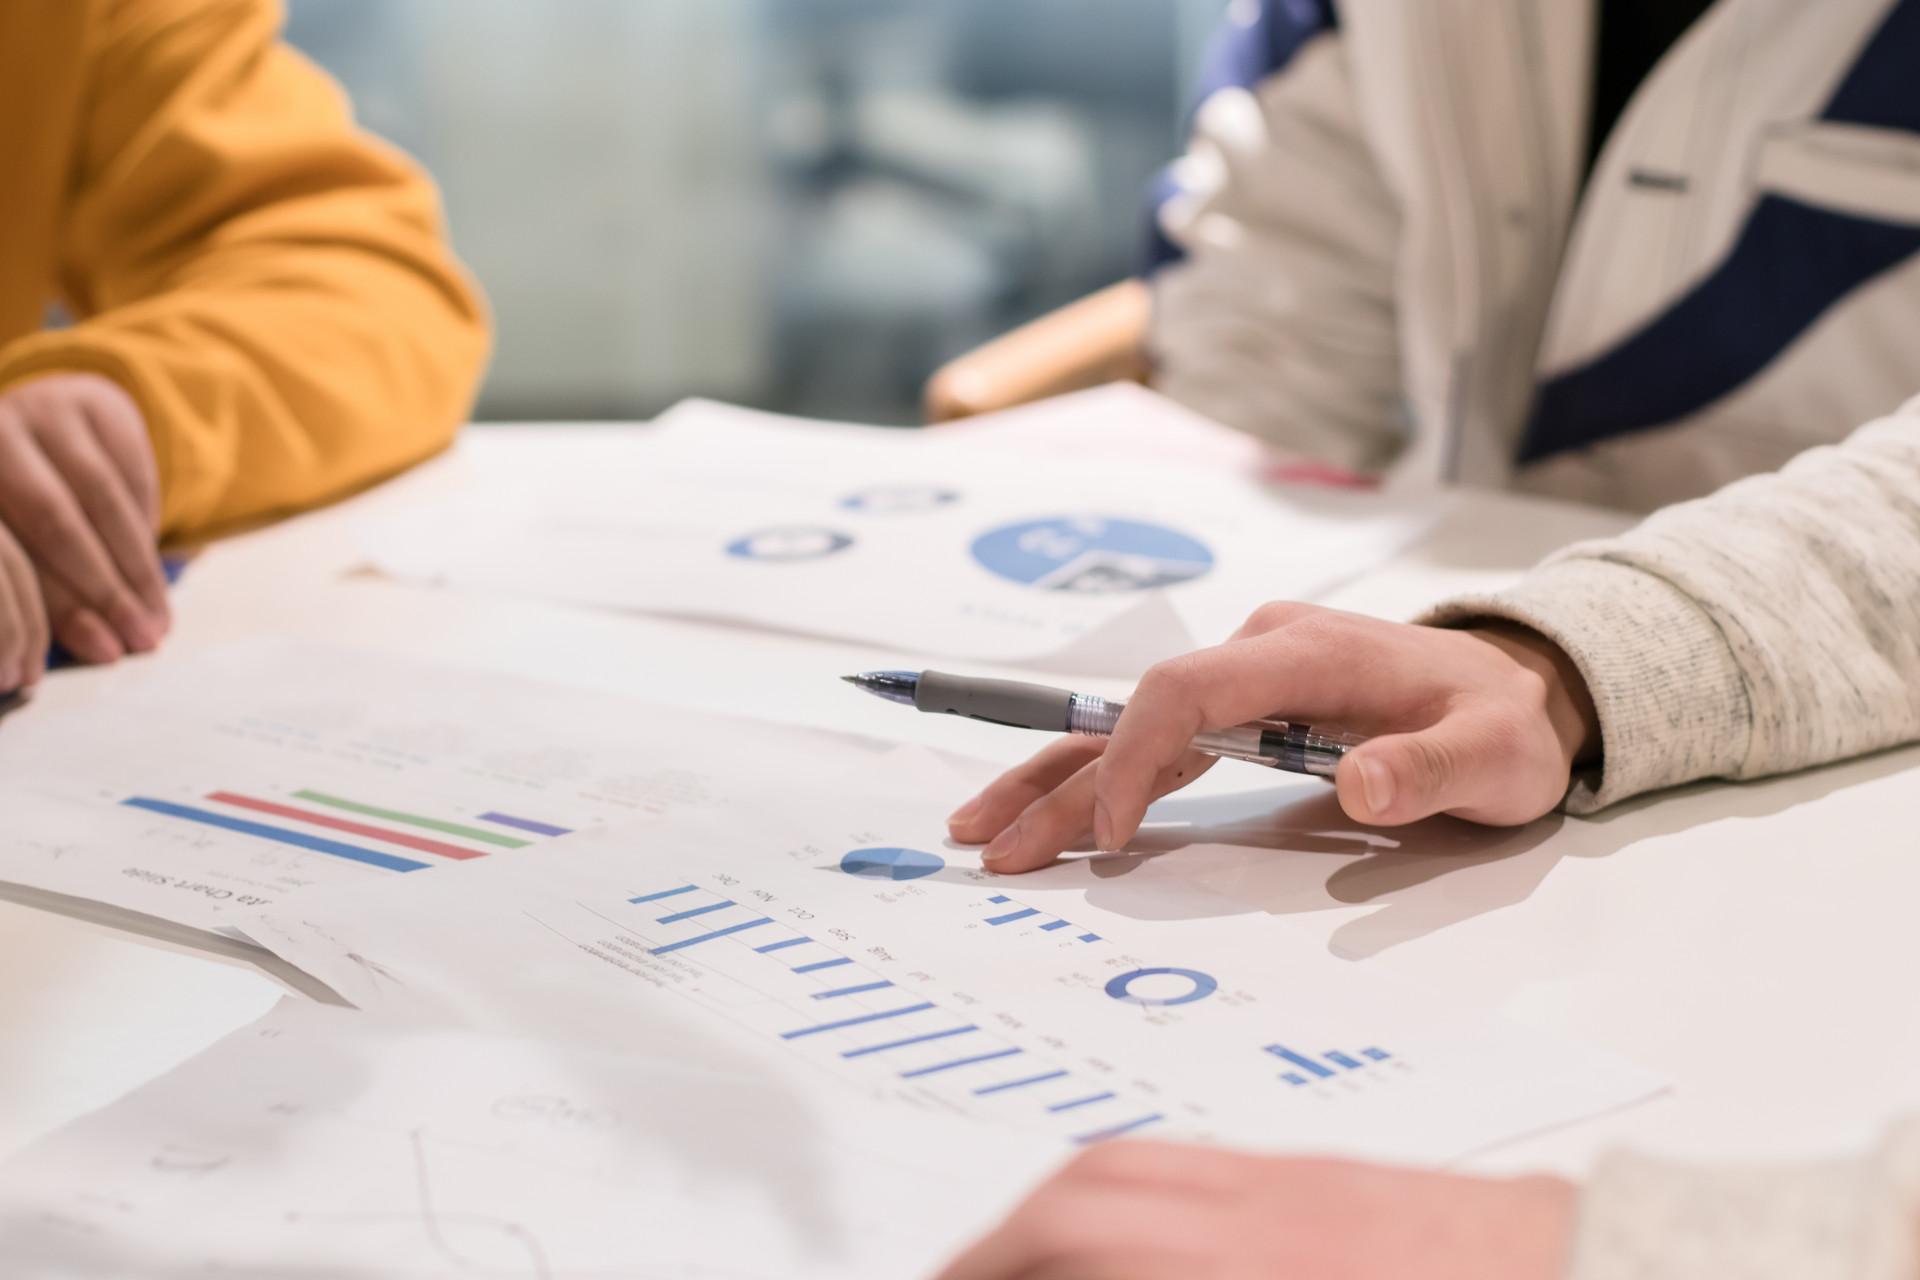 為什么要開展直銷會議?開展直銷會議有什么目的?